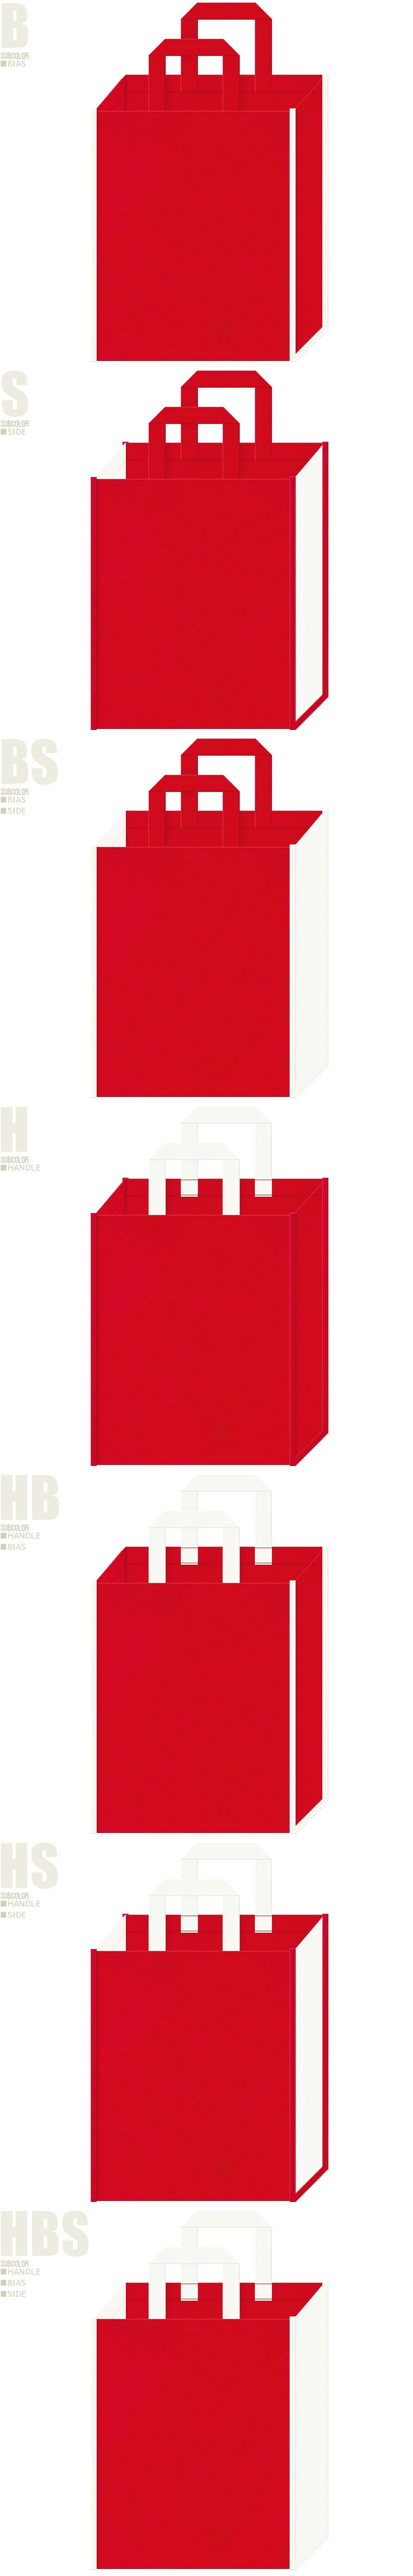 不織布トートバッグのデザイン:クリスマス商品のギフトバッグにお奨めの配色です。